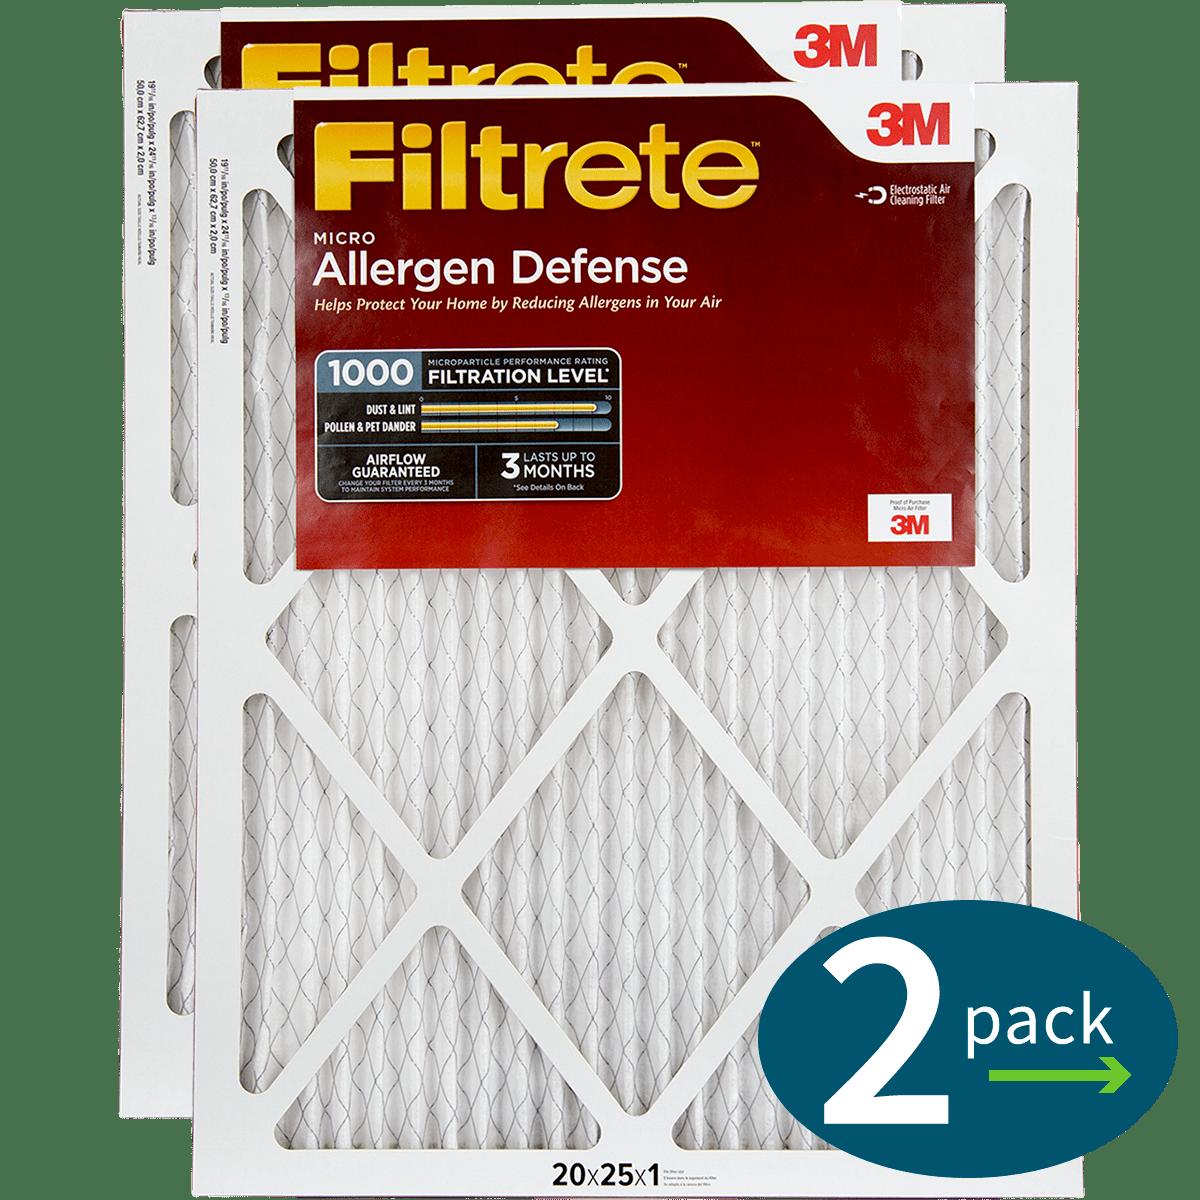 3M Filtrete 1-Inch Micro Allergen Defense MPR 1000 Air Filters - 2 Pack fi5410